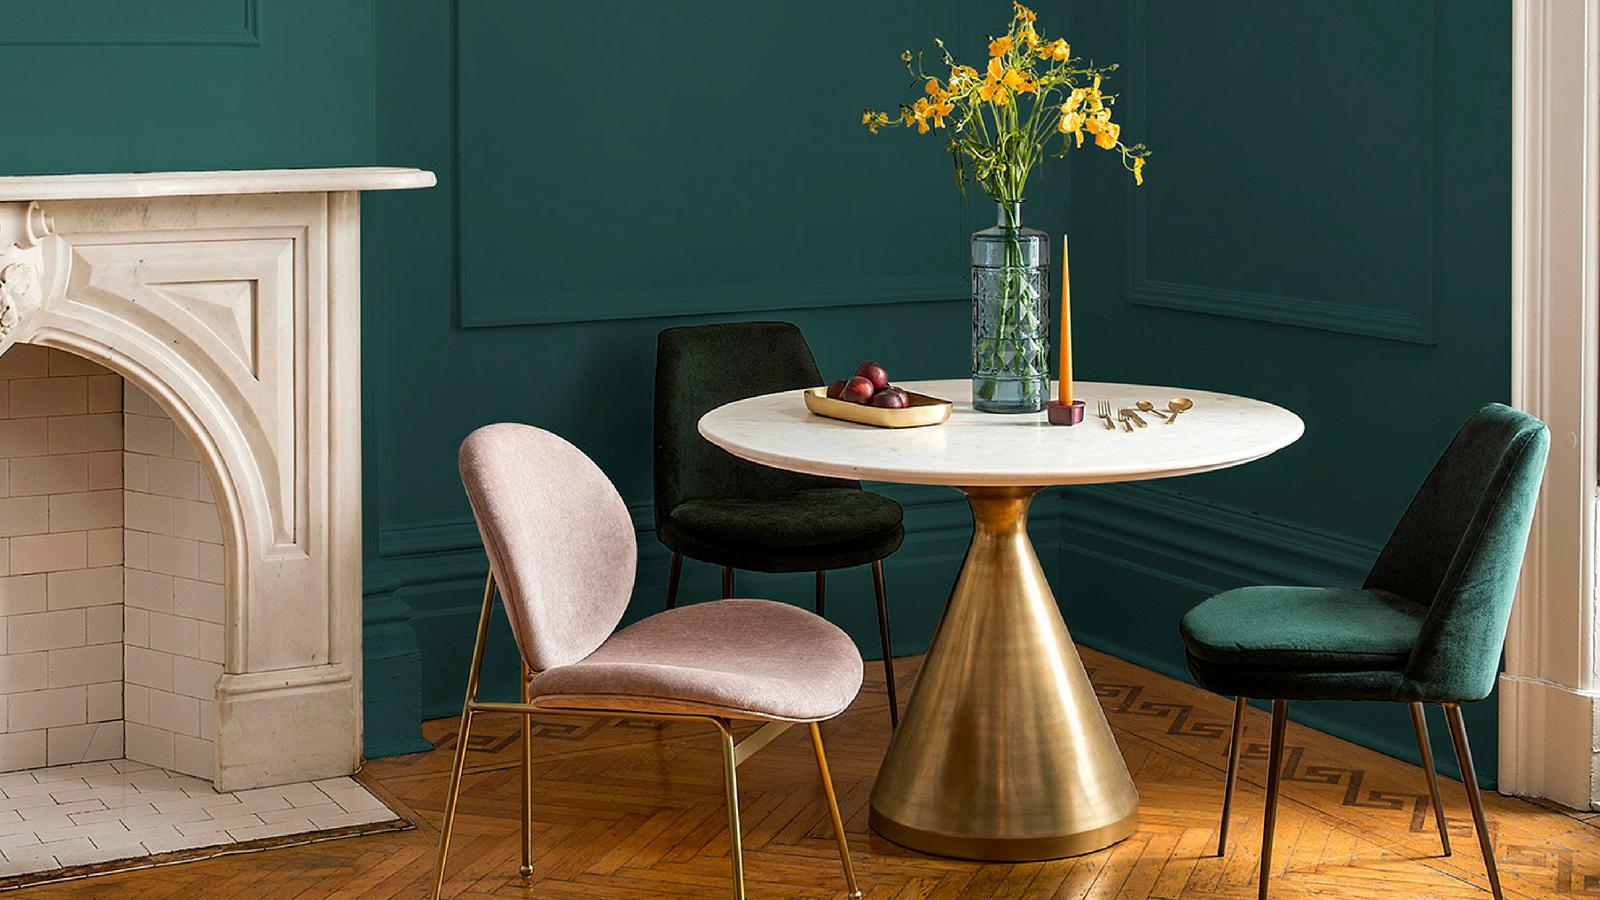 últimas tendencias en diseño de interiores 2018, precioso salón con paredes en verde oscuro y muebles de diseño